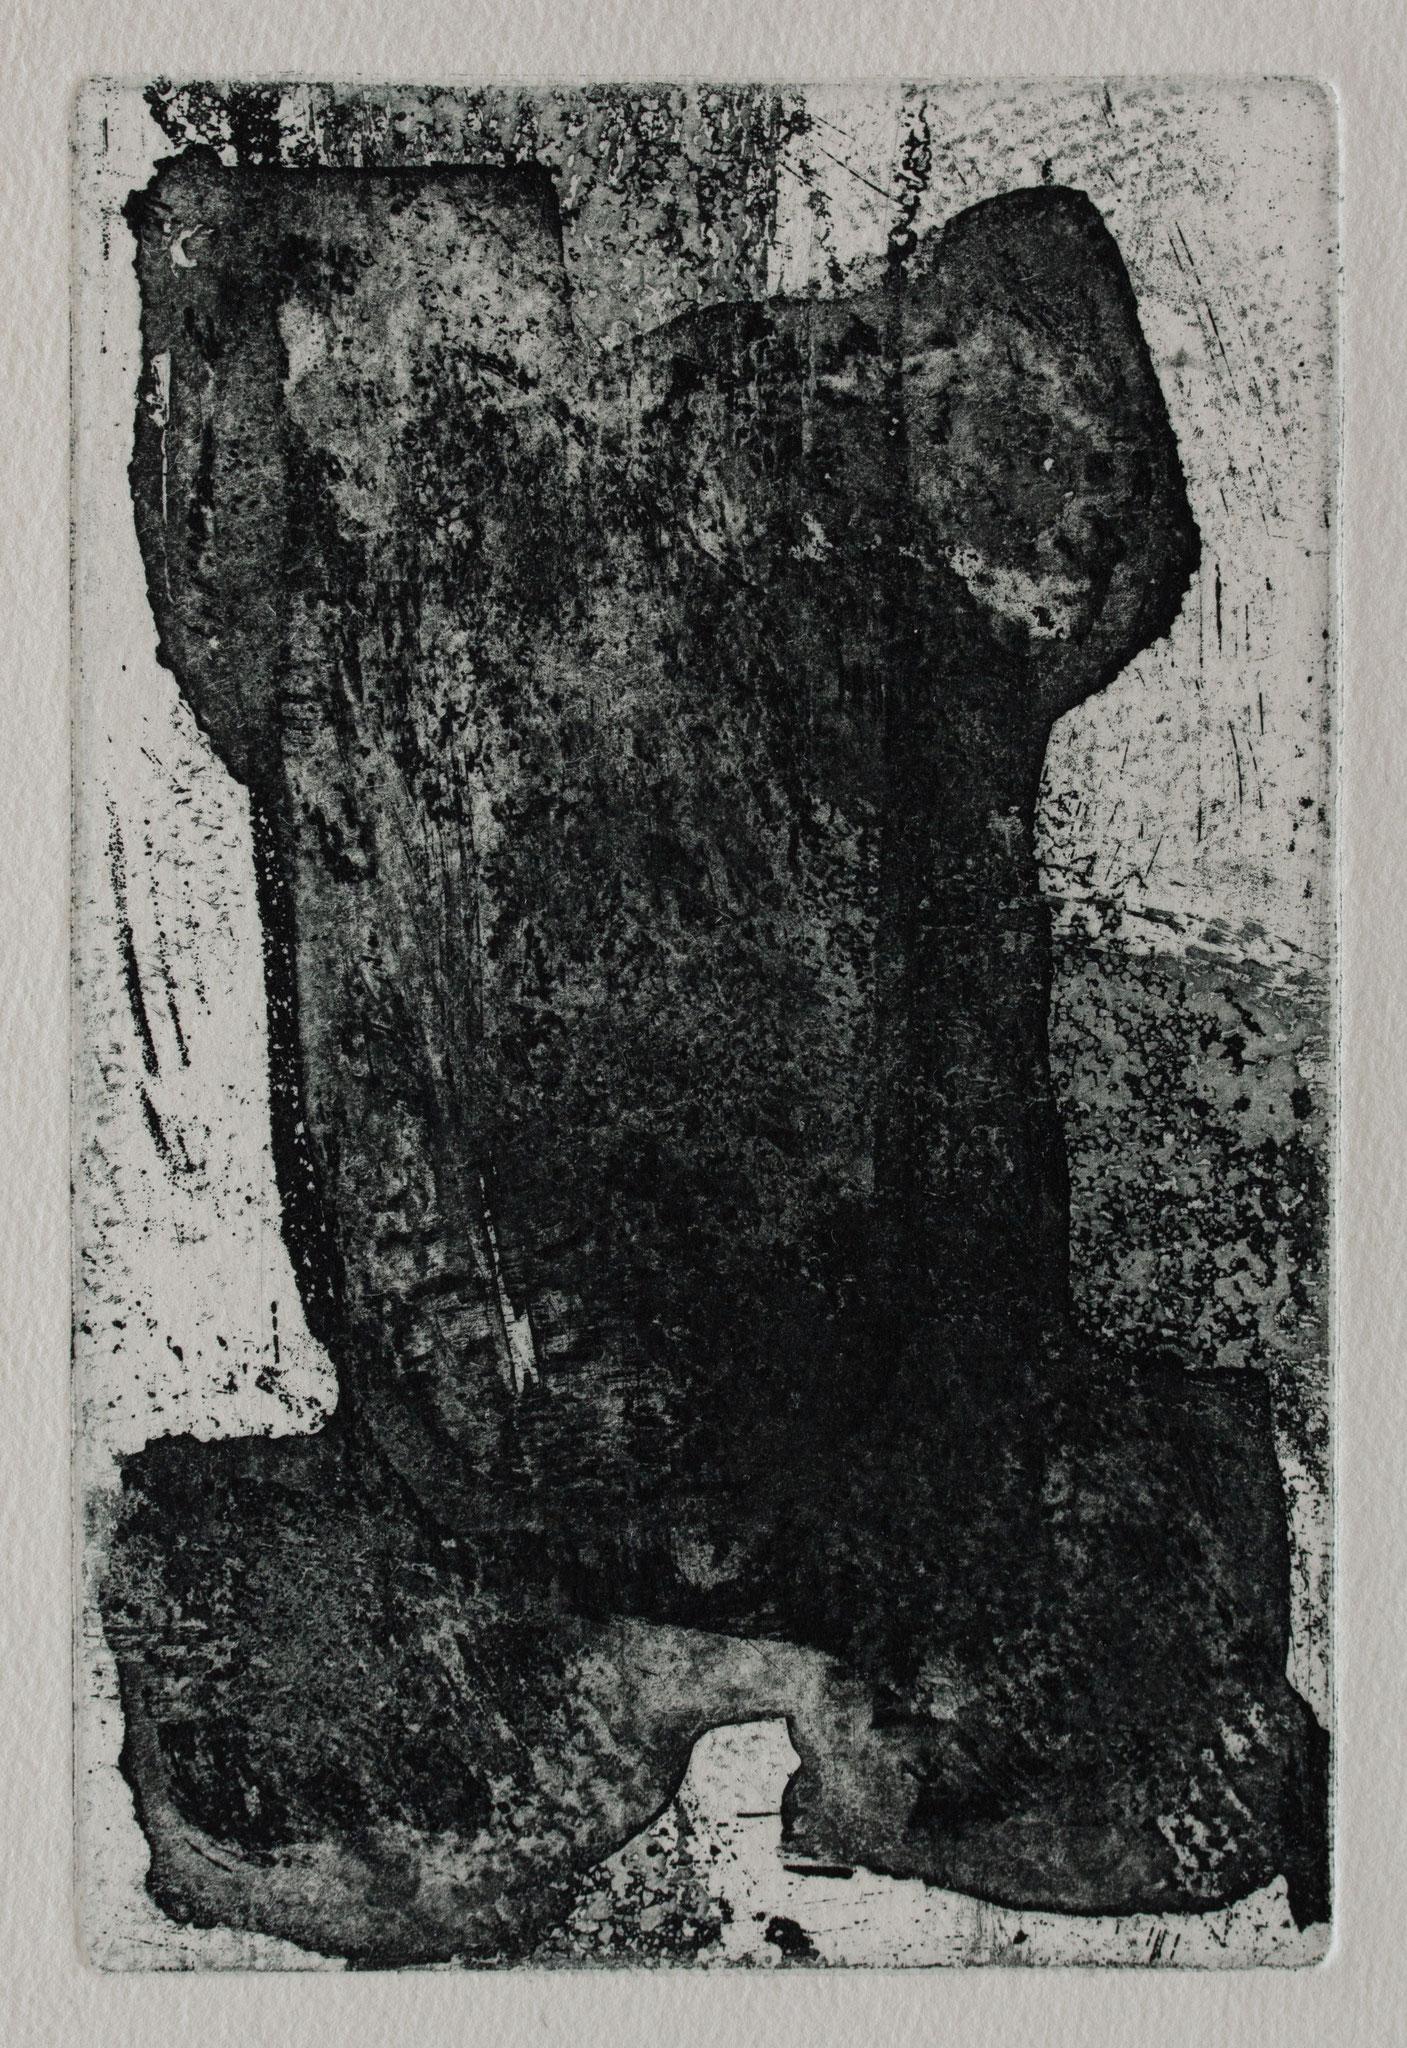 Ets, Aquatint 13,5x9 cm 2019 'Black form'